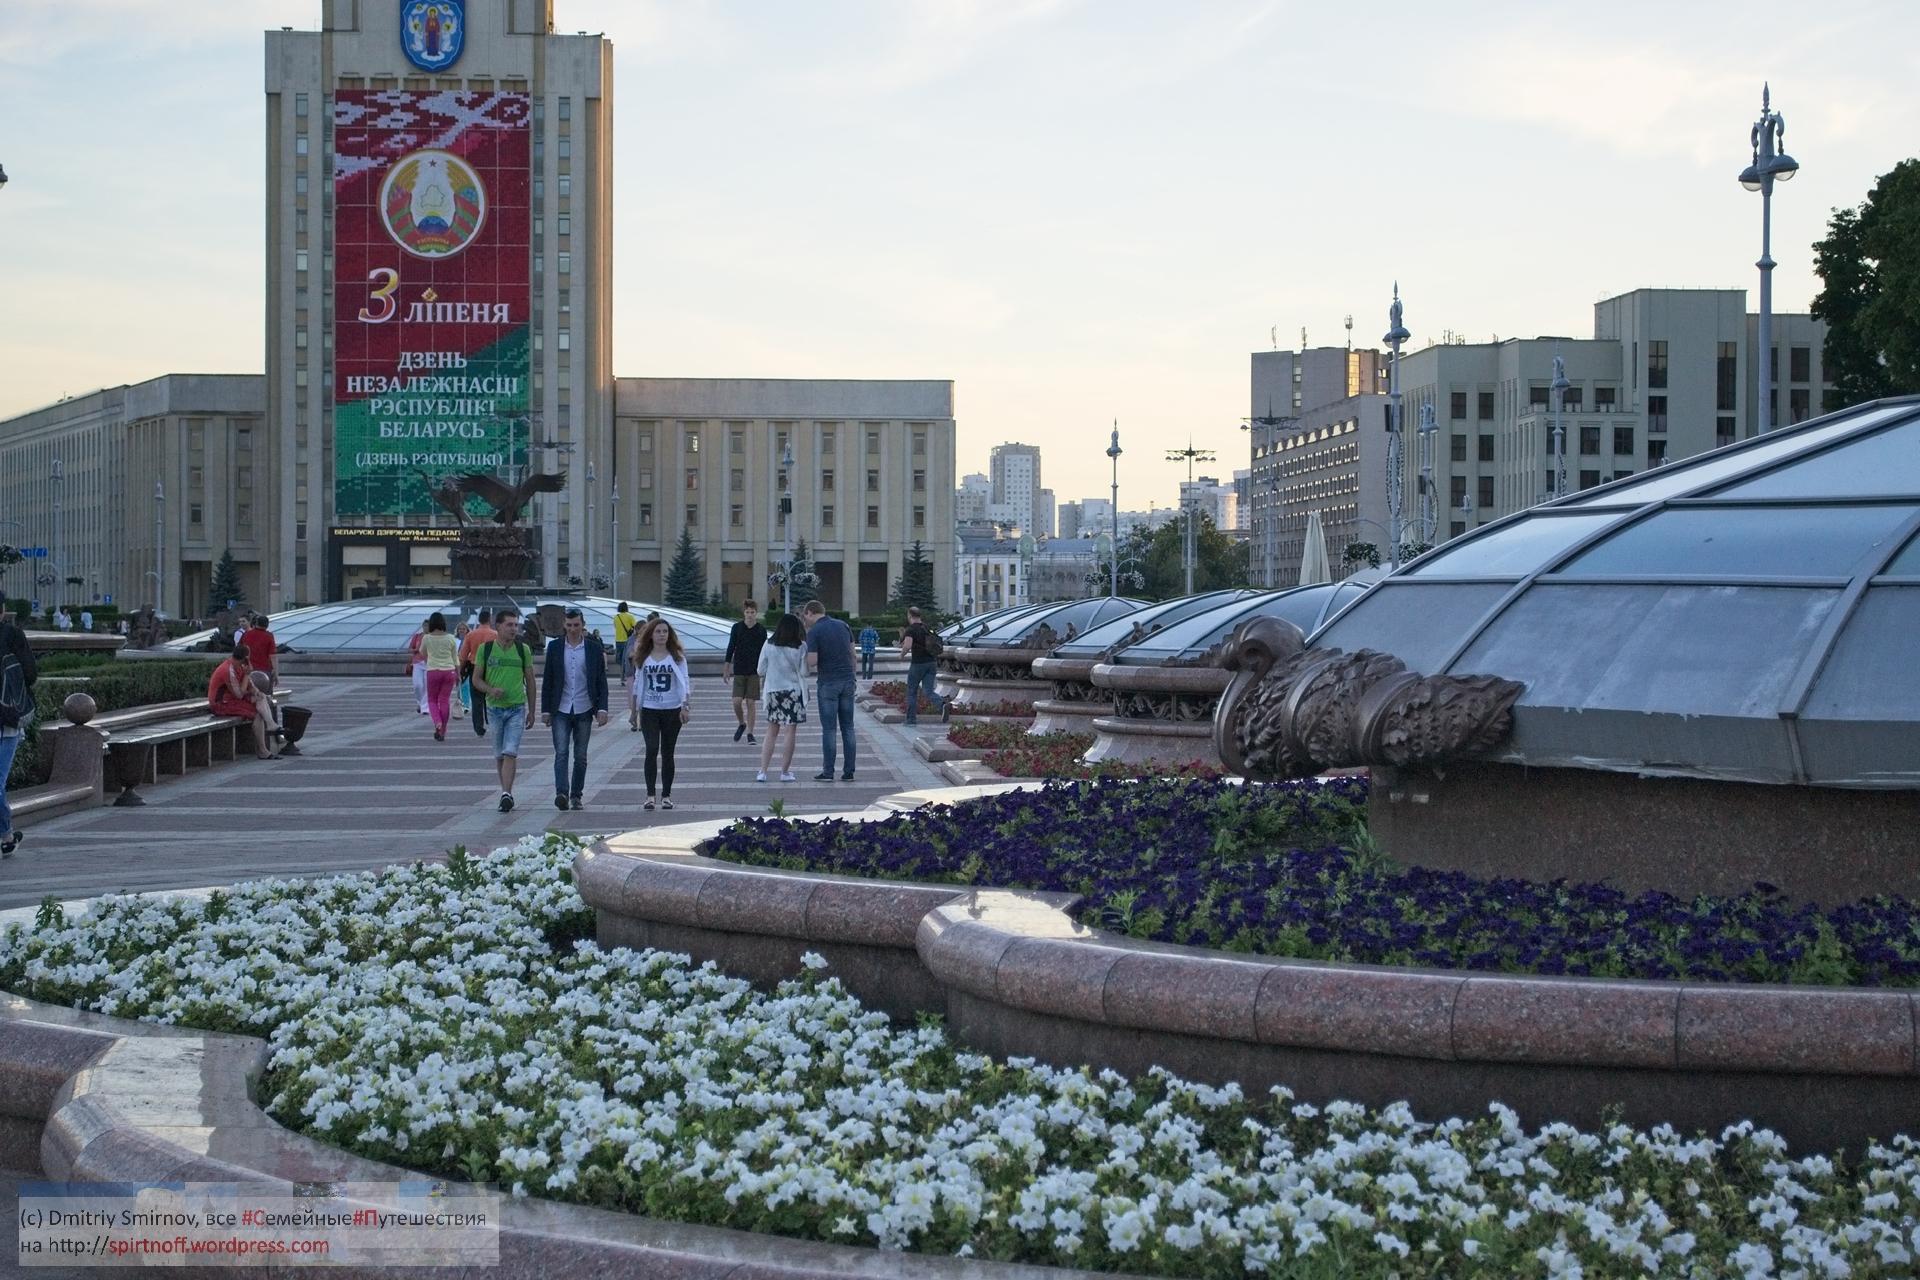 DSC_6976-Blog-67 Путешествия  Минск. Немига, Площадь Независимости